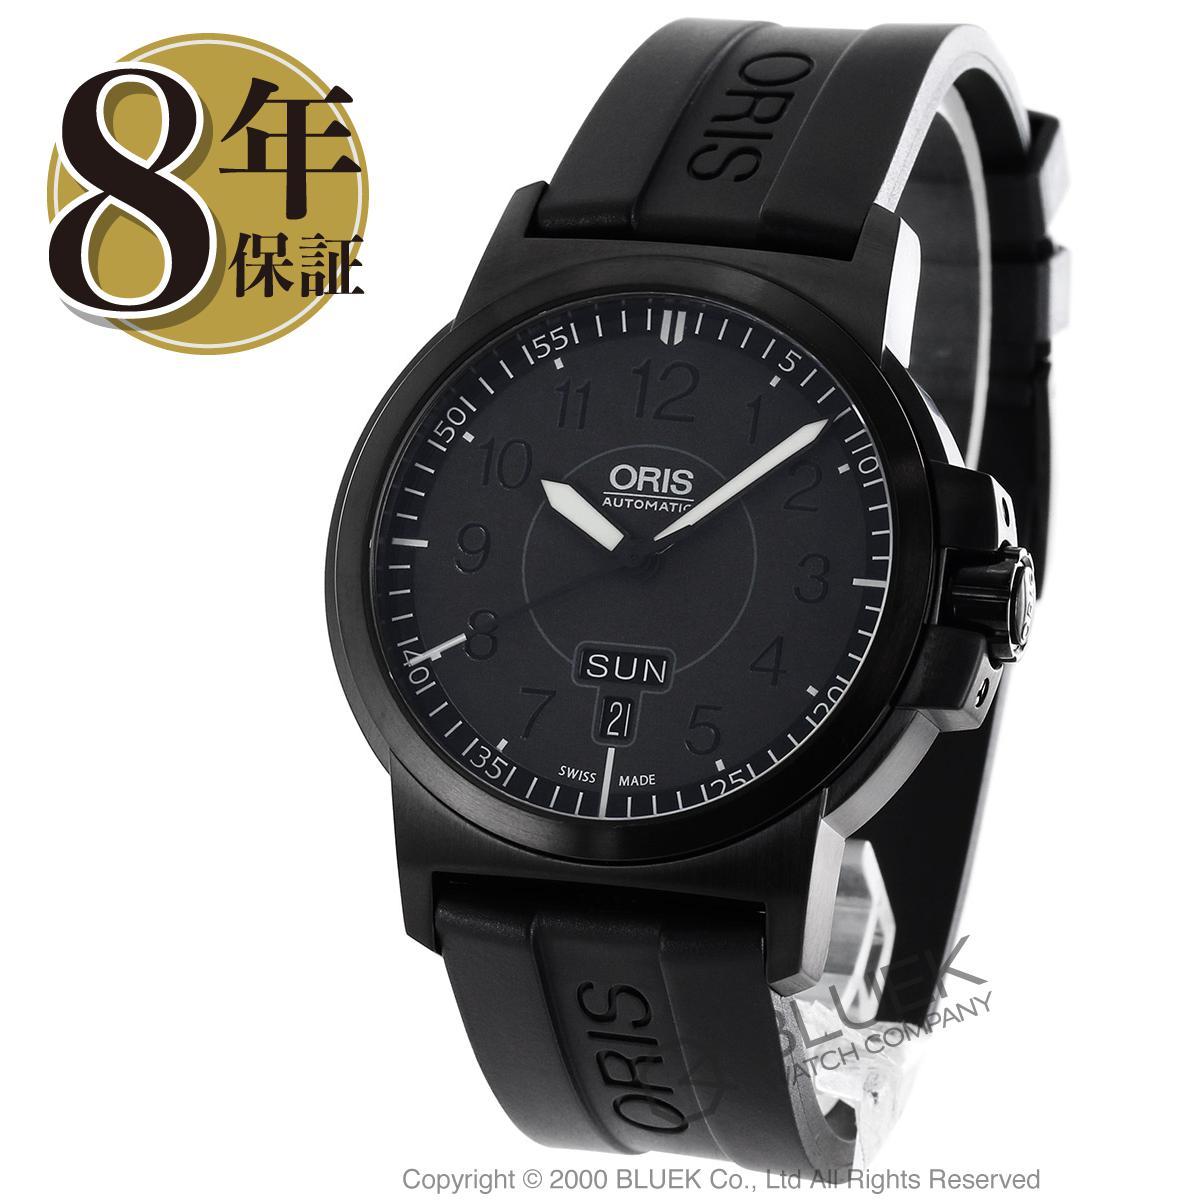 オリス ORIS 腕時計 BC3 アドバンスド メンズ 735 7641 4764R_8